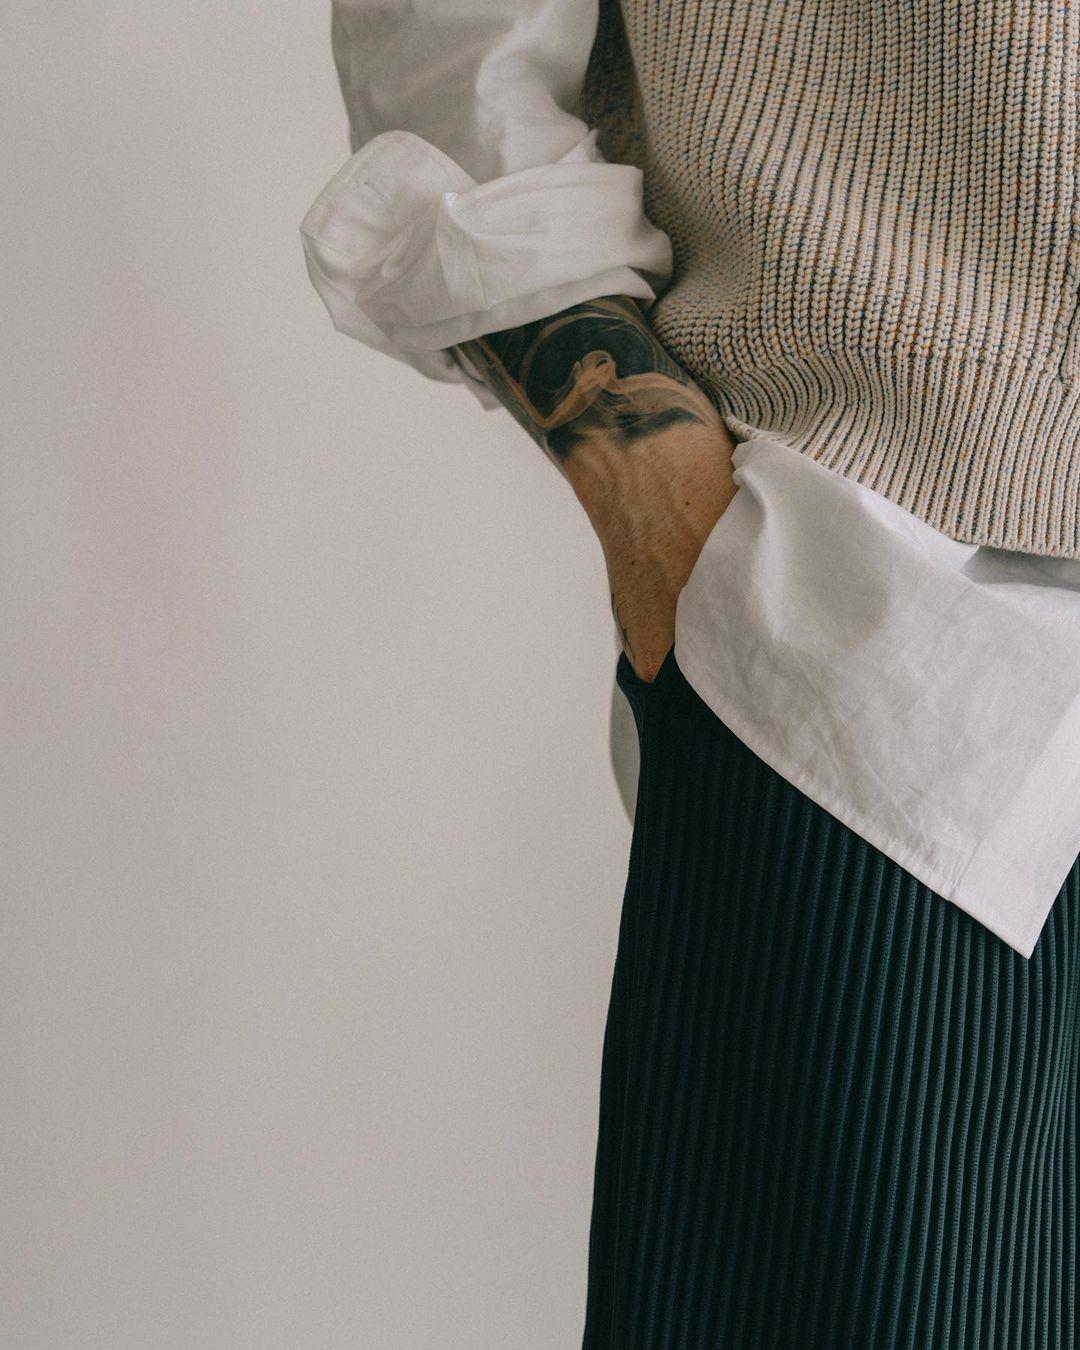 L'image est un close up sur la tenue de @imdanielsimmons qui porte un ensemble Homme Plissé Issey Miyake.